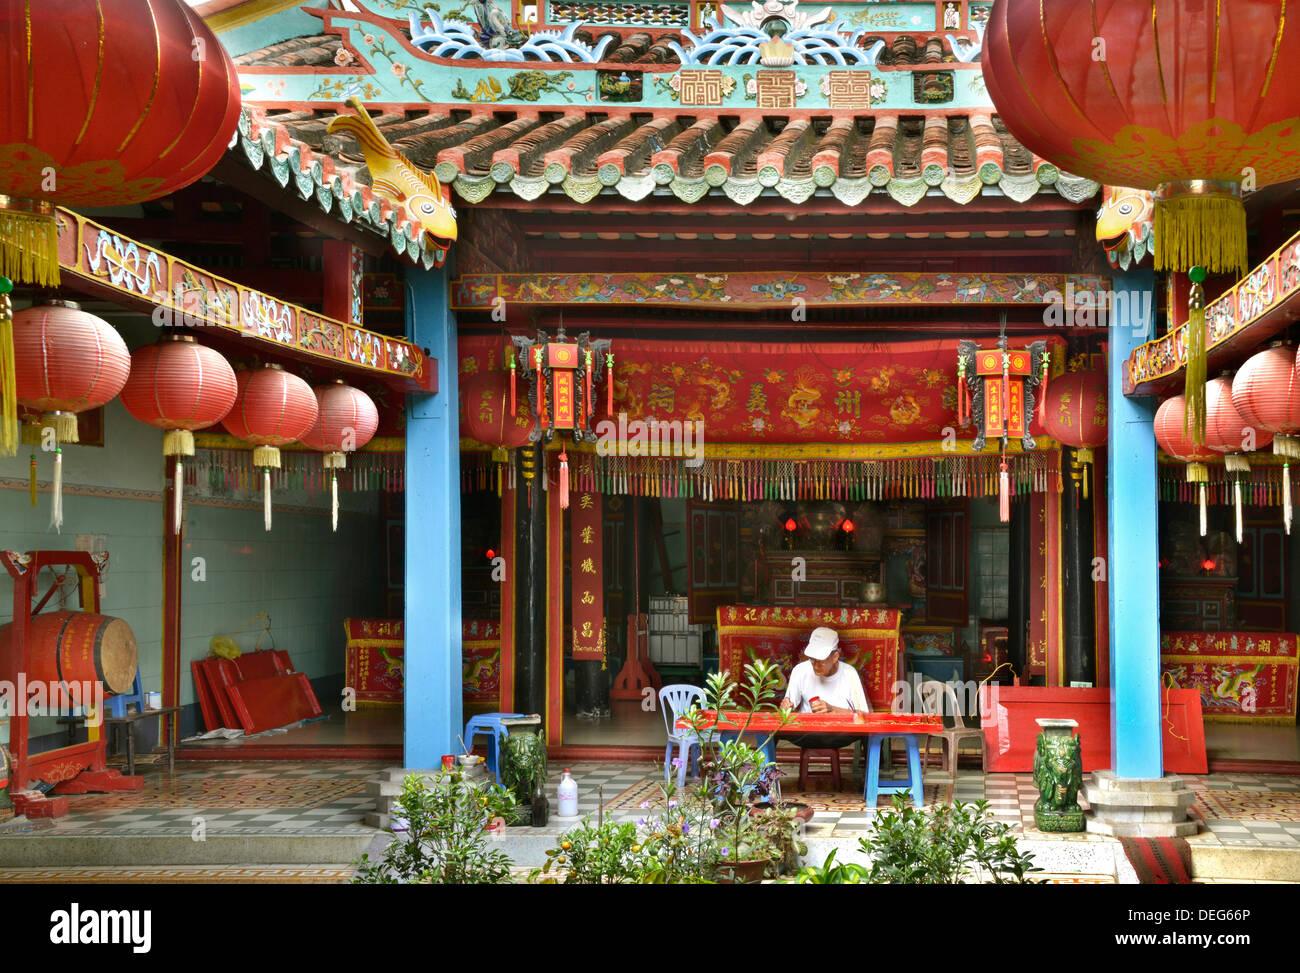 Chinesischer Clan Haus, Phan Thiet, Vietnam, Indochina, Südostasien, Asien Stockbild